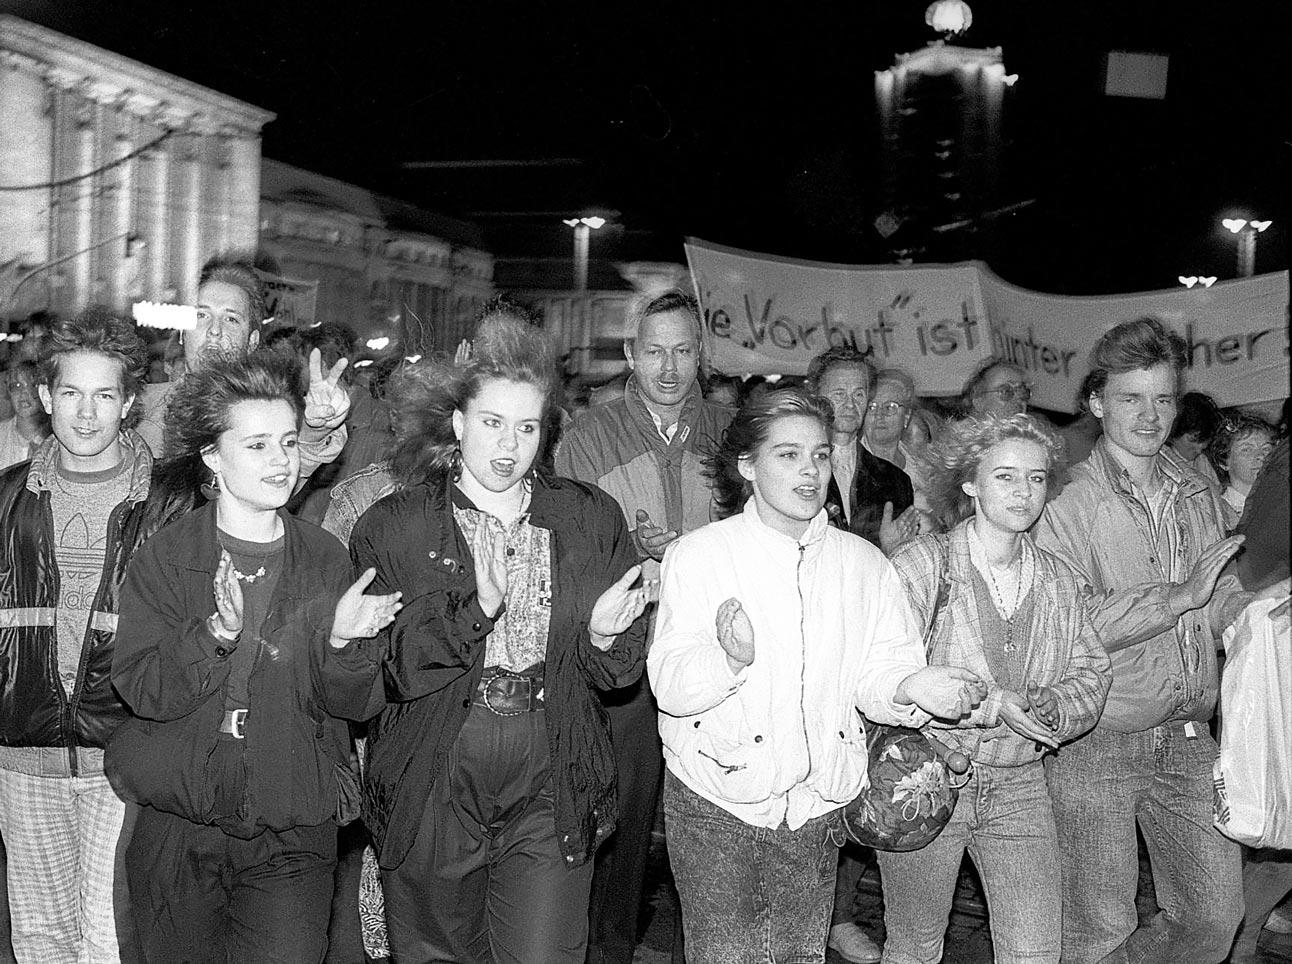 Leipzig octobre 1989